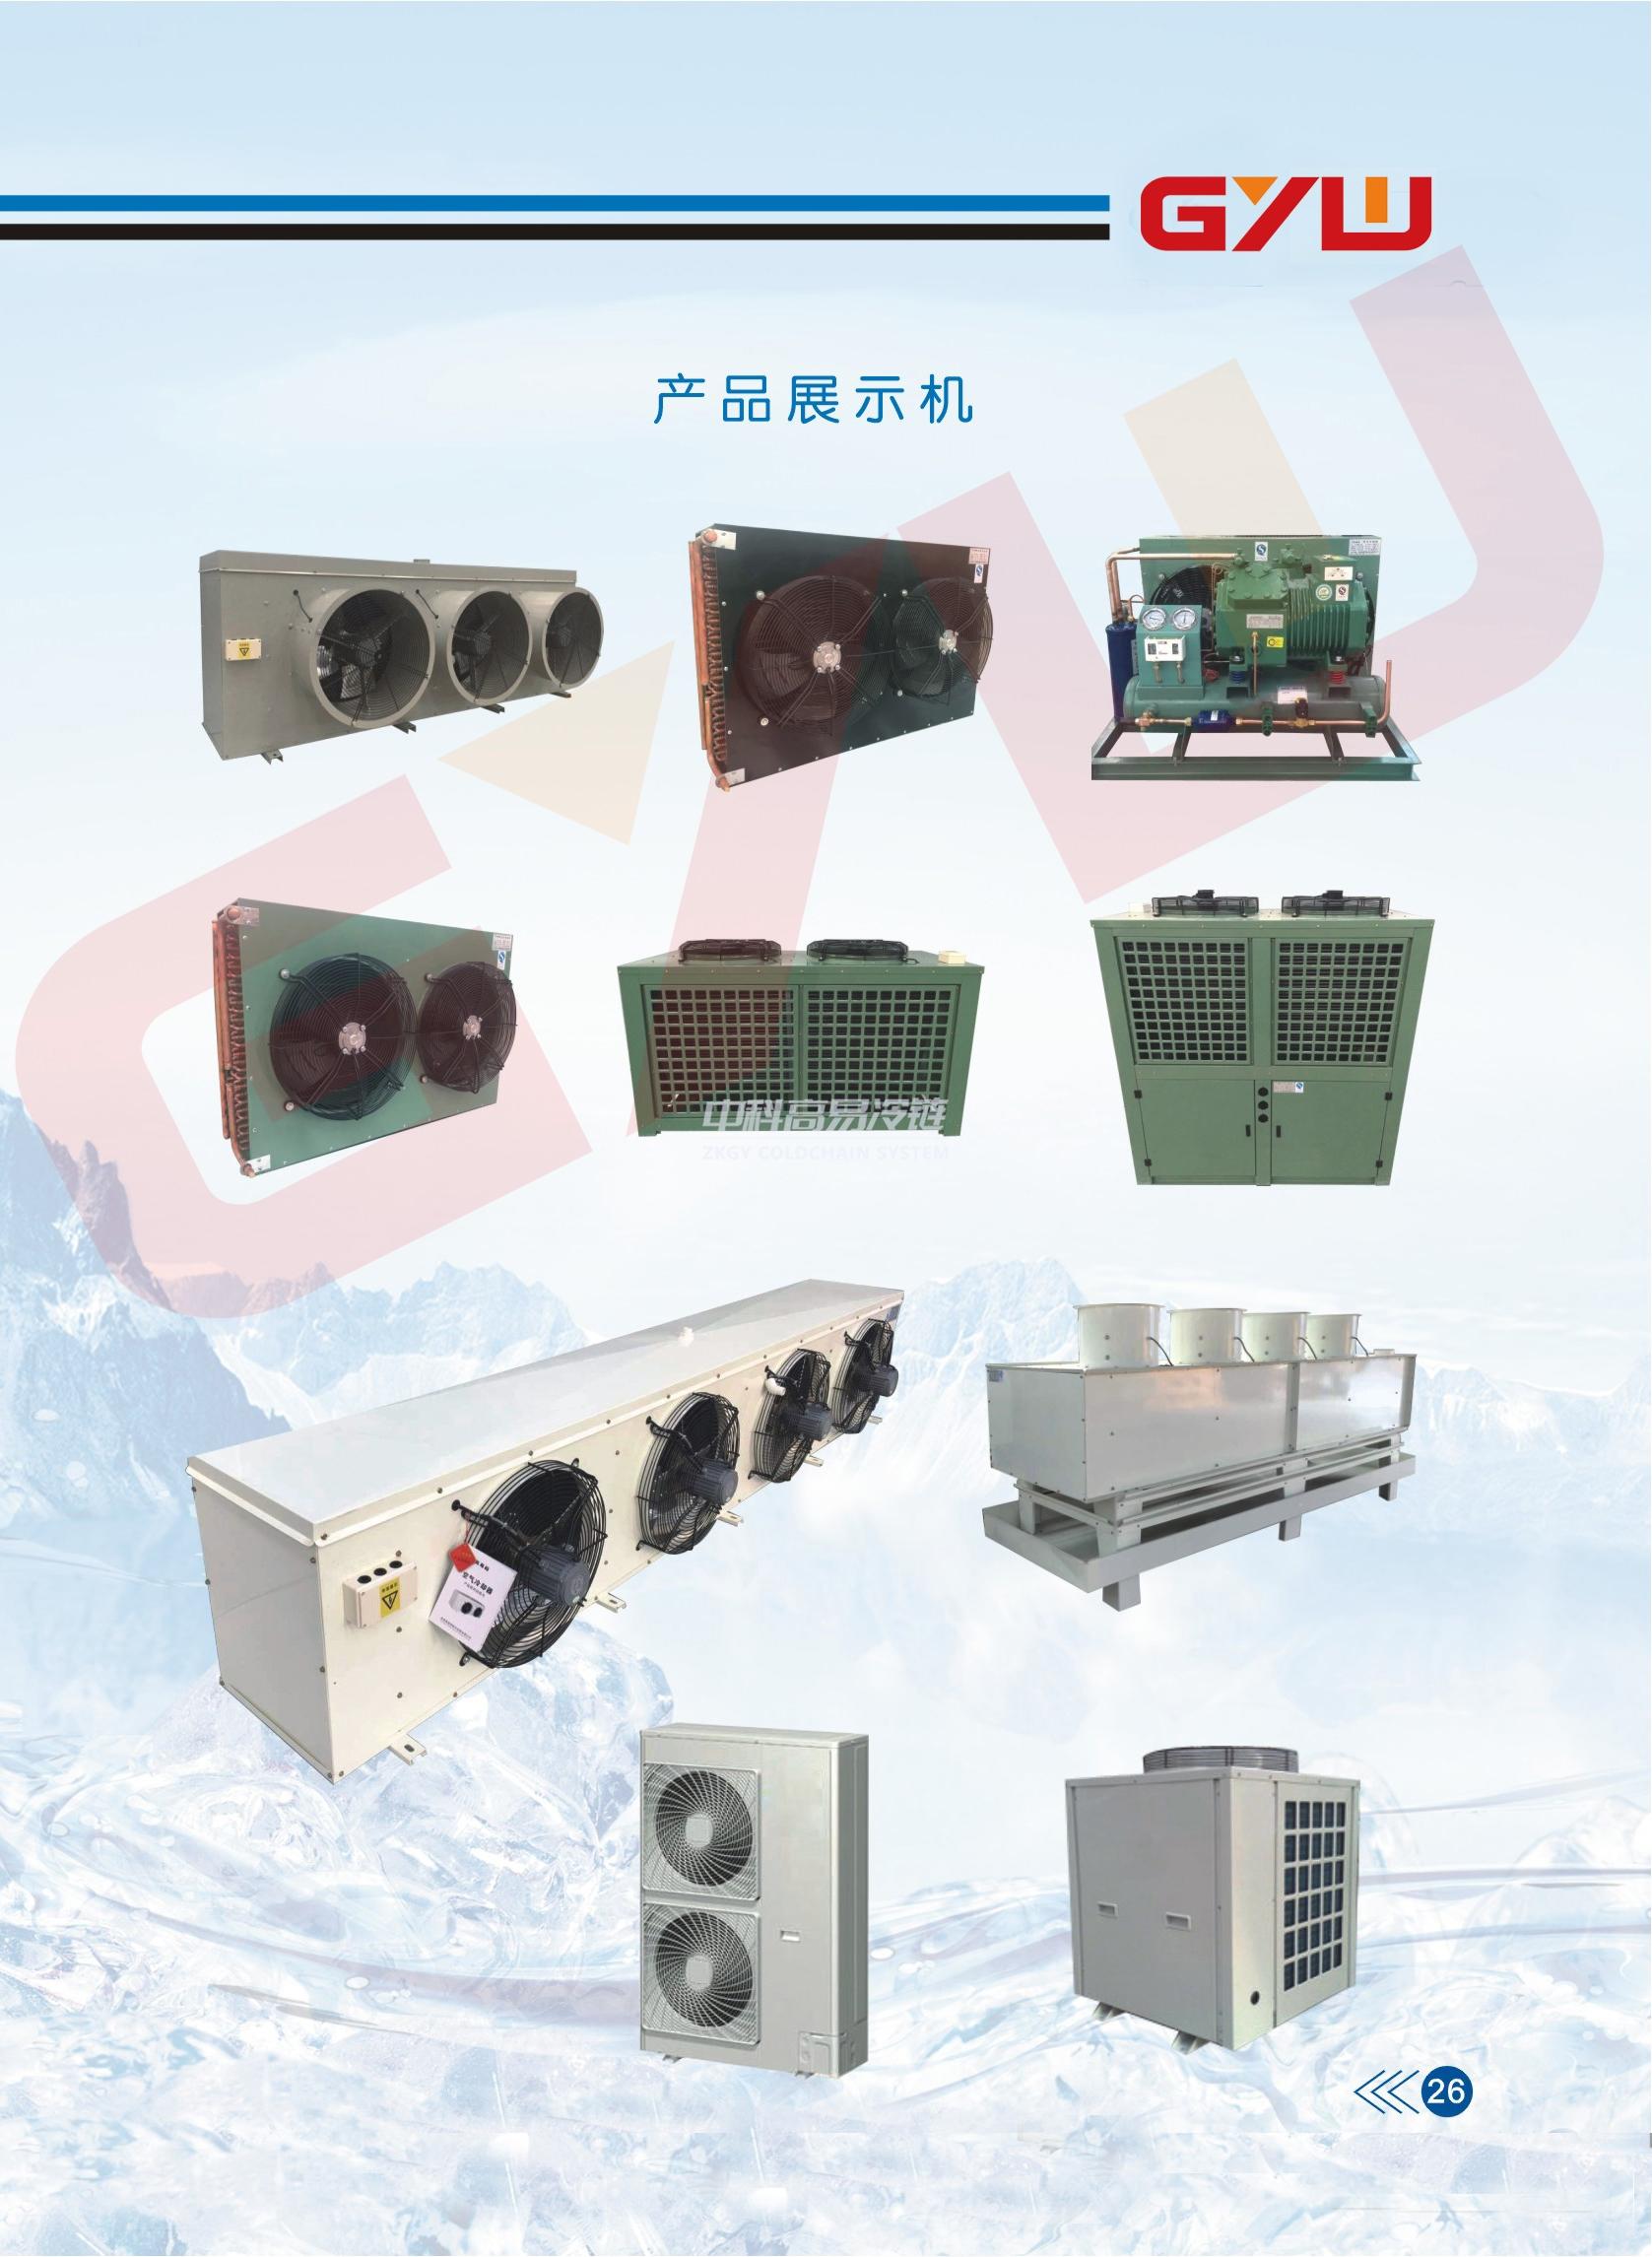 中科高易冷链系统冷风机-常州冷库设计|冷藏冷库工程|常州保鲜冷库建设|冷库建造_中科高易冷链系统(江苏)有限公司